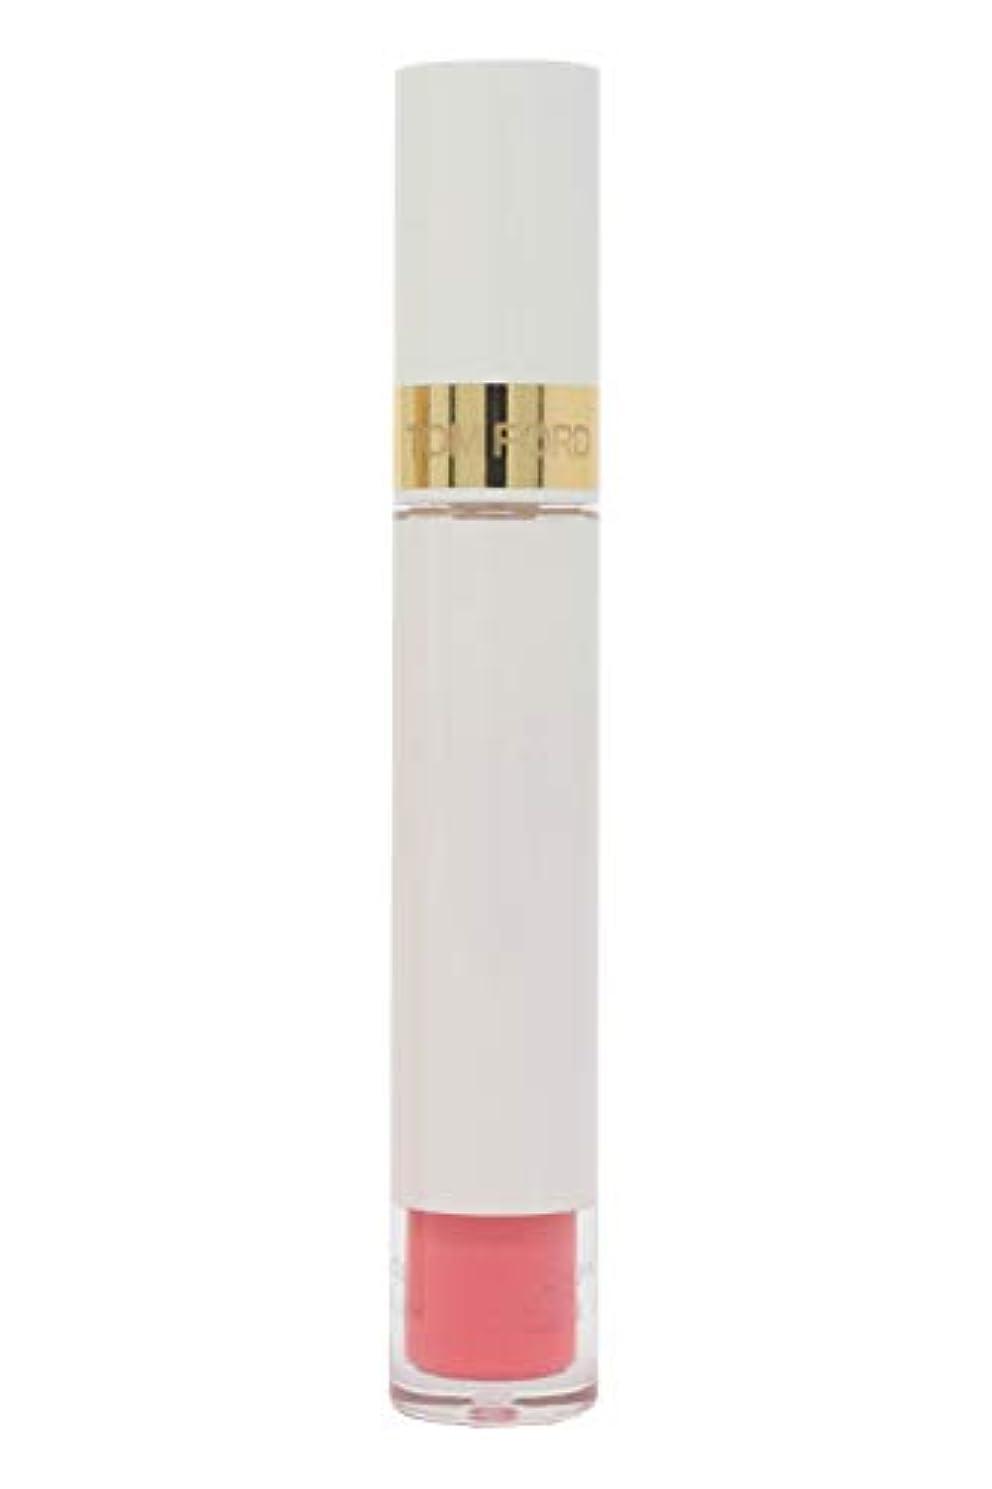 ヶ月目テニスフリーストム フォード Lip Lacqure Liquid Tint - # 04 In Ecstasy 2.7ml/0.09oz並行輸入品